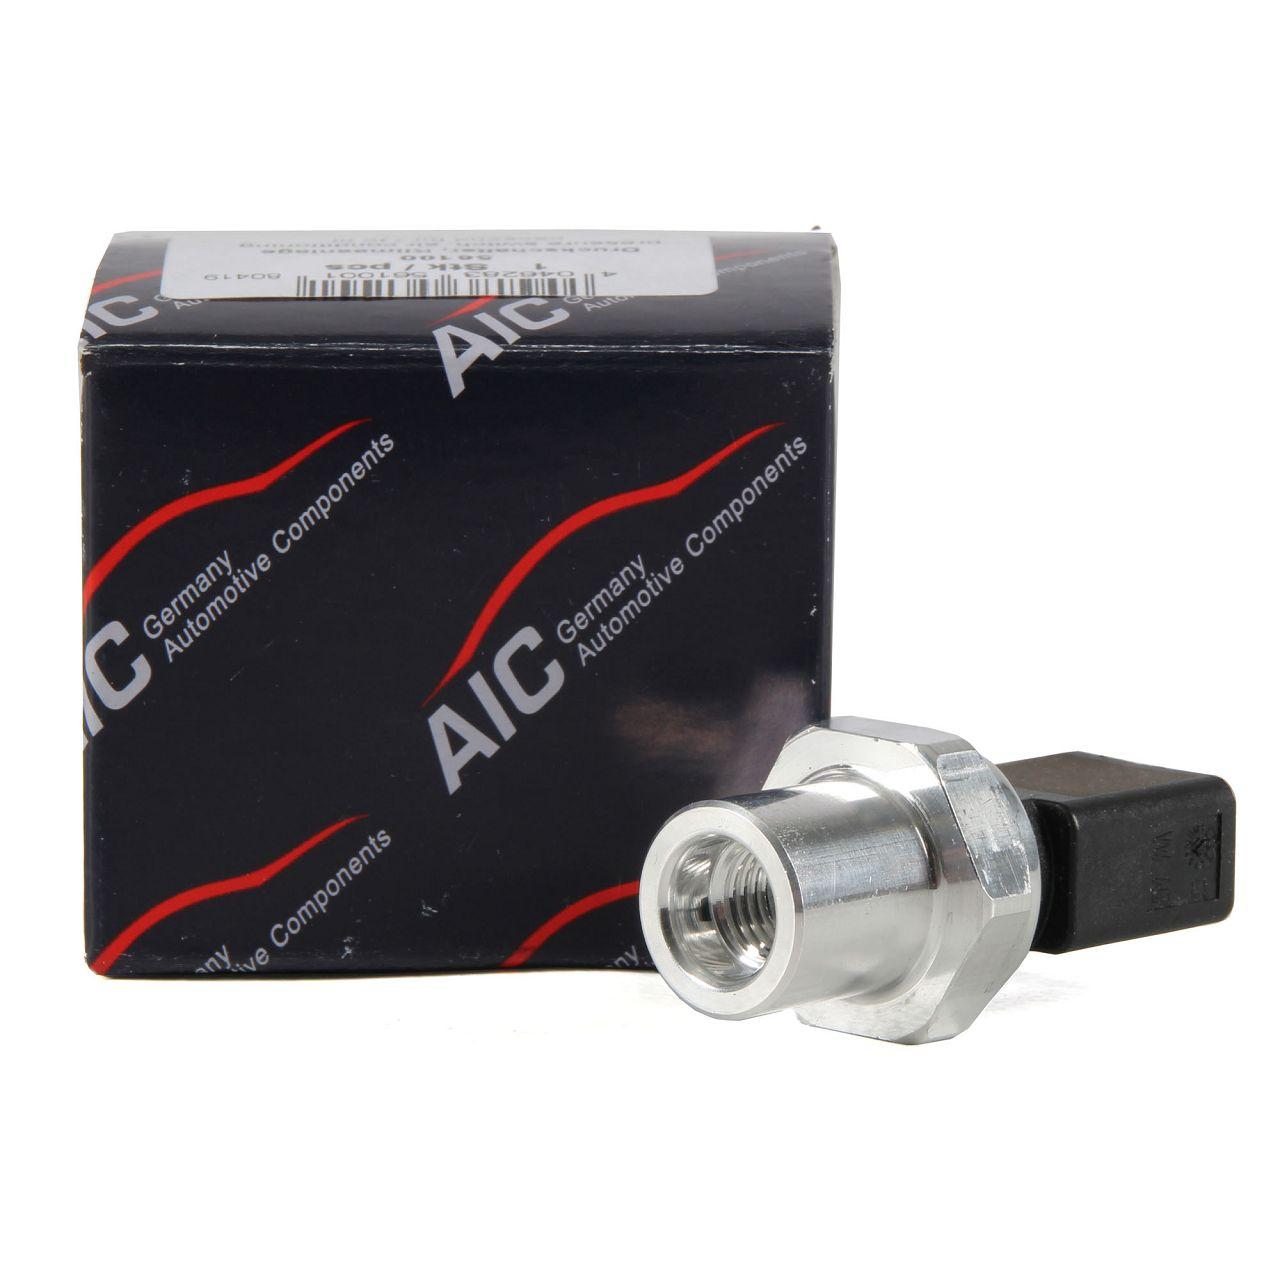 AIC 56100 Druckschalter Klimaanlage für AUDI A2 A4 A6 A8 SEAT EXEO VW PASSAT